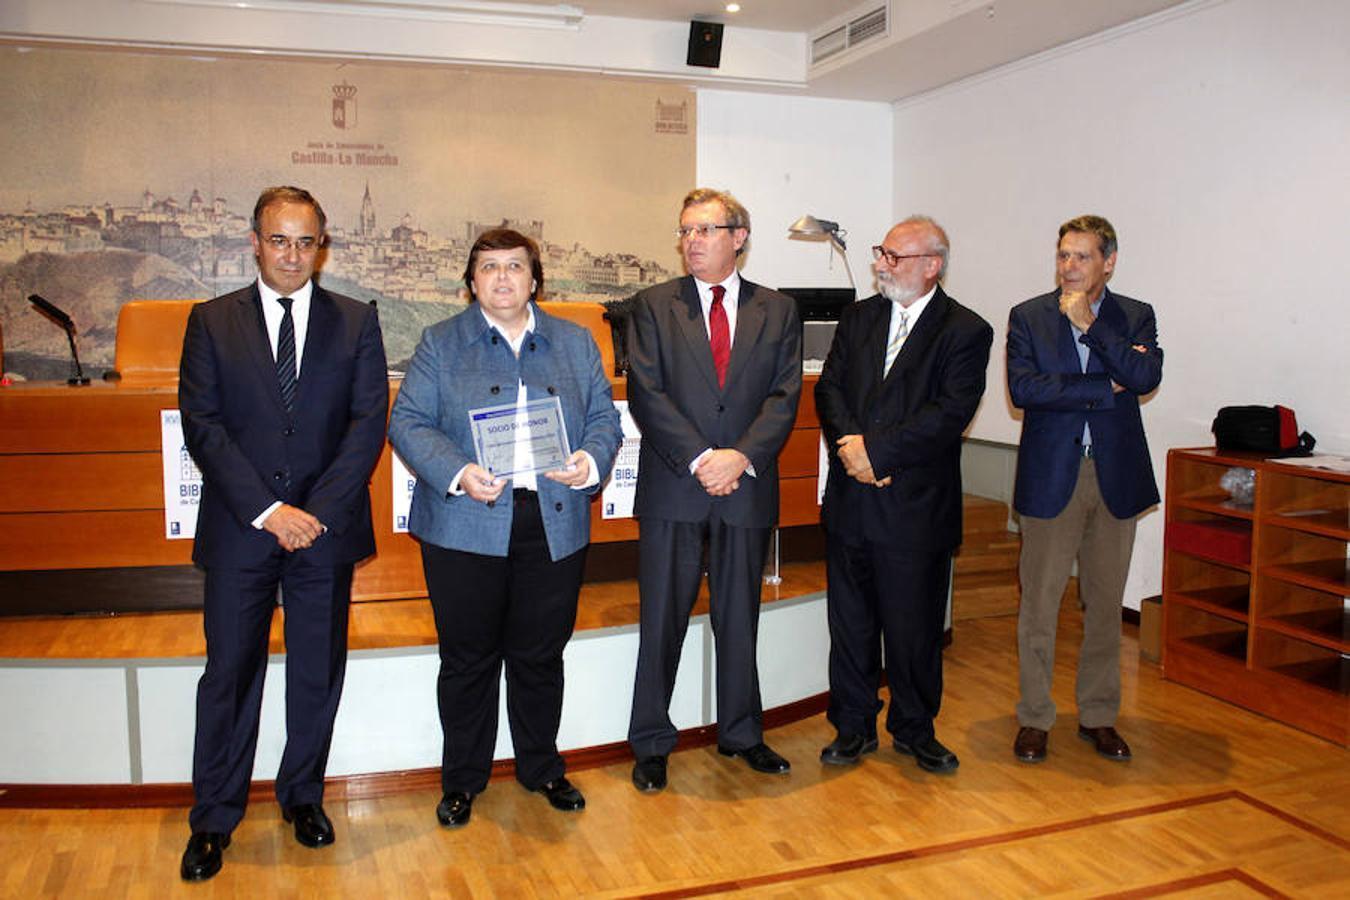 La directora del Centro de Estudios de Castilla-La Mancha, María Esther Almarcha Núñez-Herrador, recogió el premio acompañada por el rector de la Universidad de Castilla-La Mancha, Miguel Ángel Collado